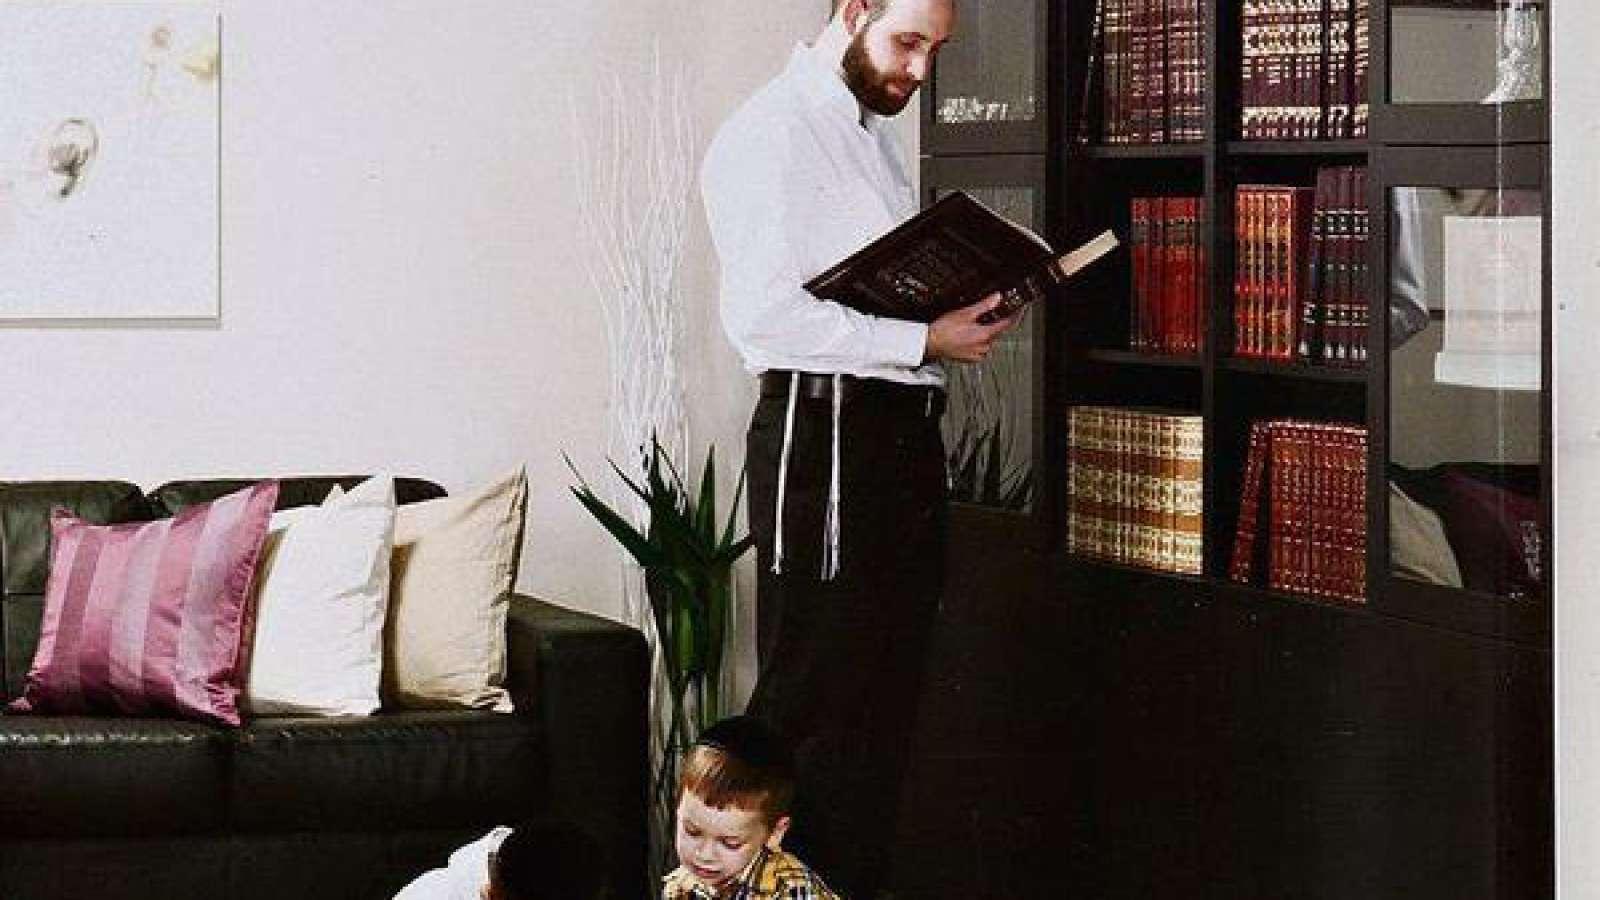 Nur Männer und Buben: So präsentierte sich der Ikea-Katalog, der für ultraorthodoxe Familien produziert worden sein soll.